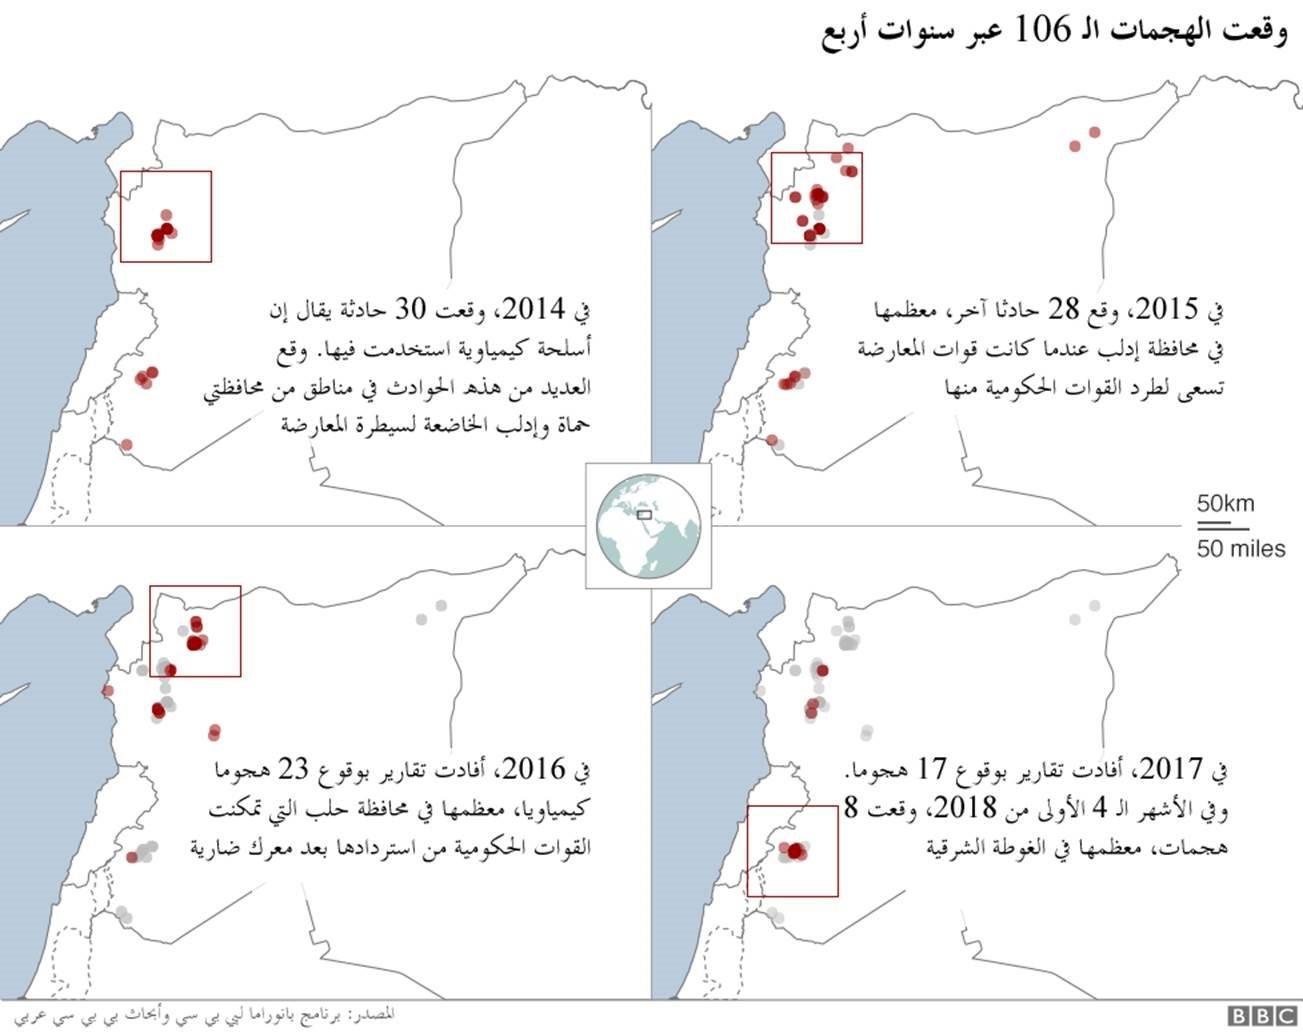 المواقع التي وقعت فيها الهجمات الـ 106 خلال أربع سنوات